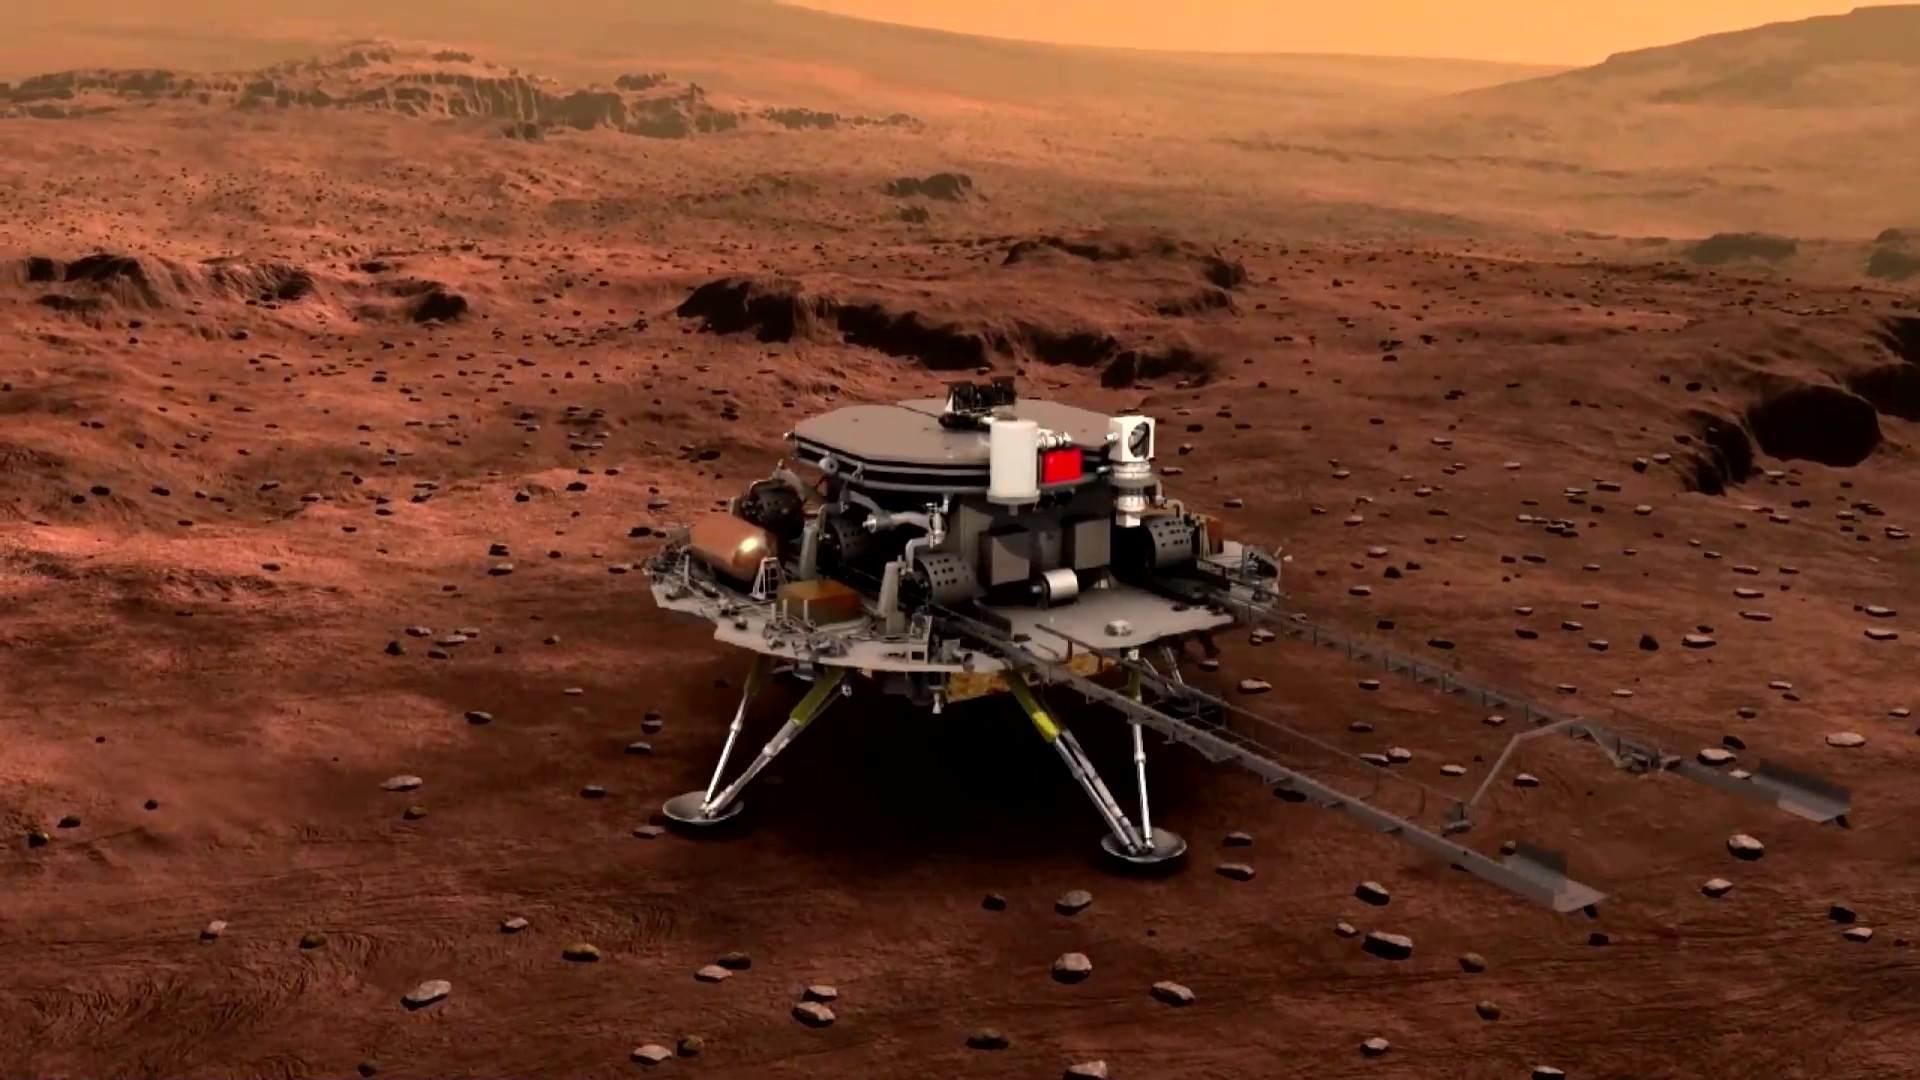 致敬伟大的中国航天,祝愿火星探索顺利完成